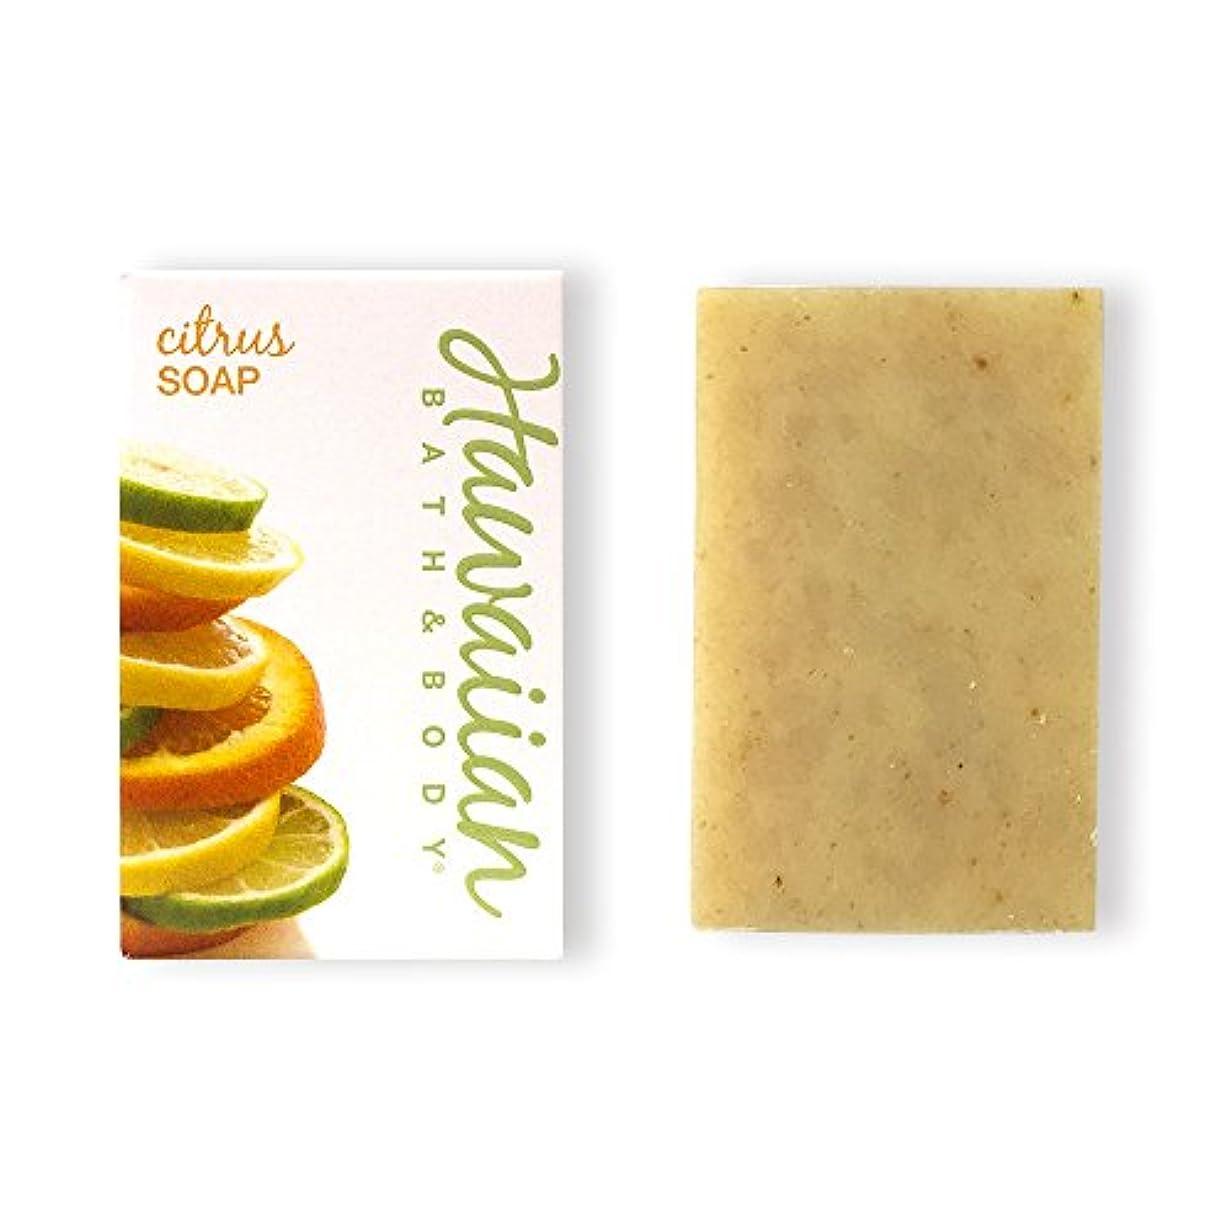 一貫したお手伝いさん海洋のハワイアンバス&ボディ ハワイアン?シトラスソープ( Citrus Soap )